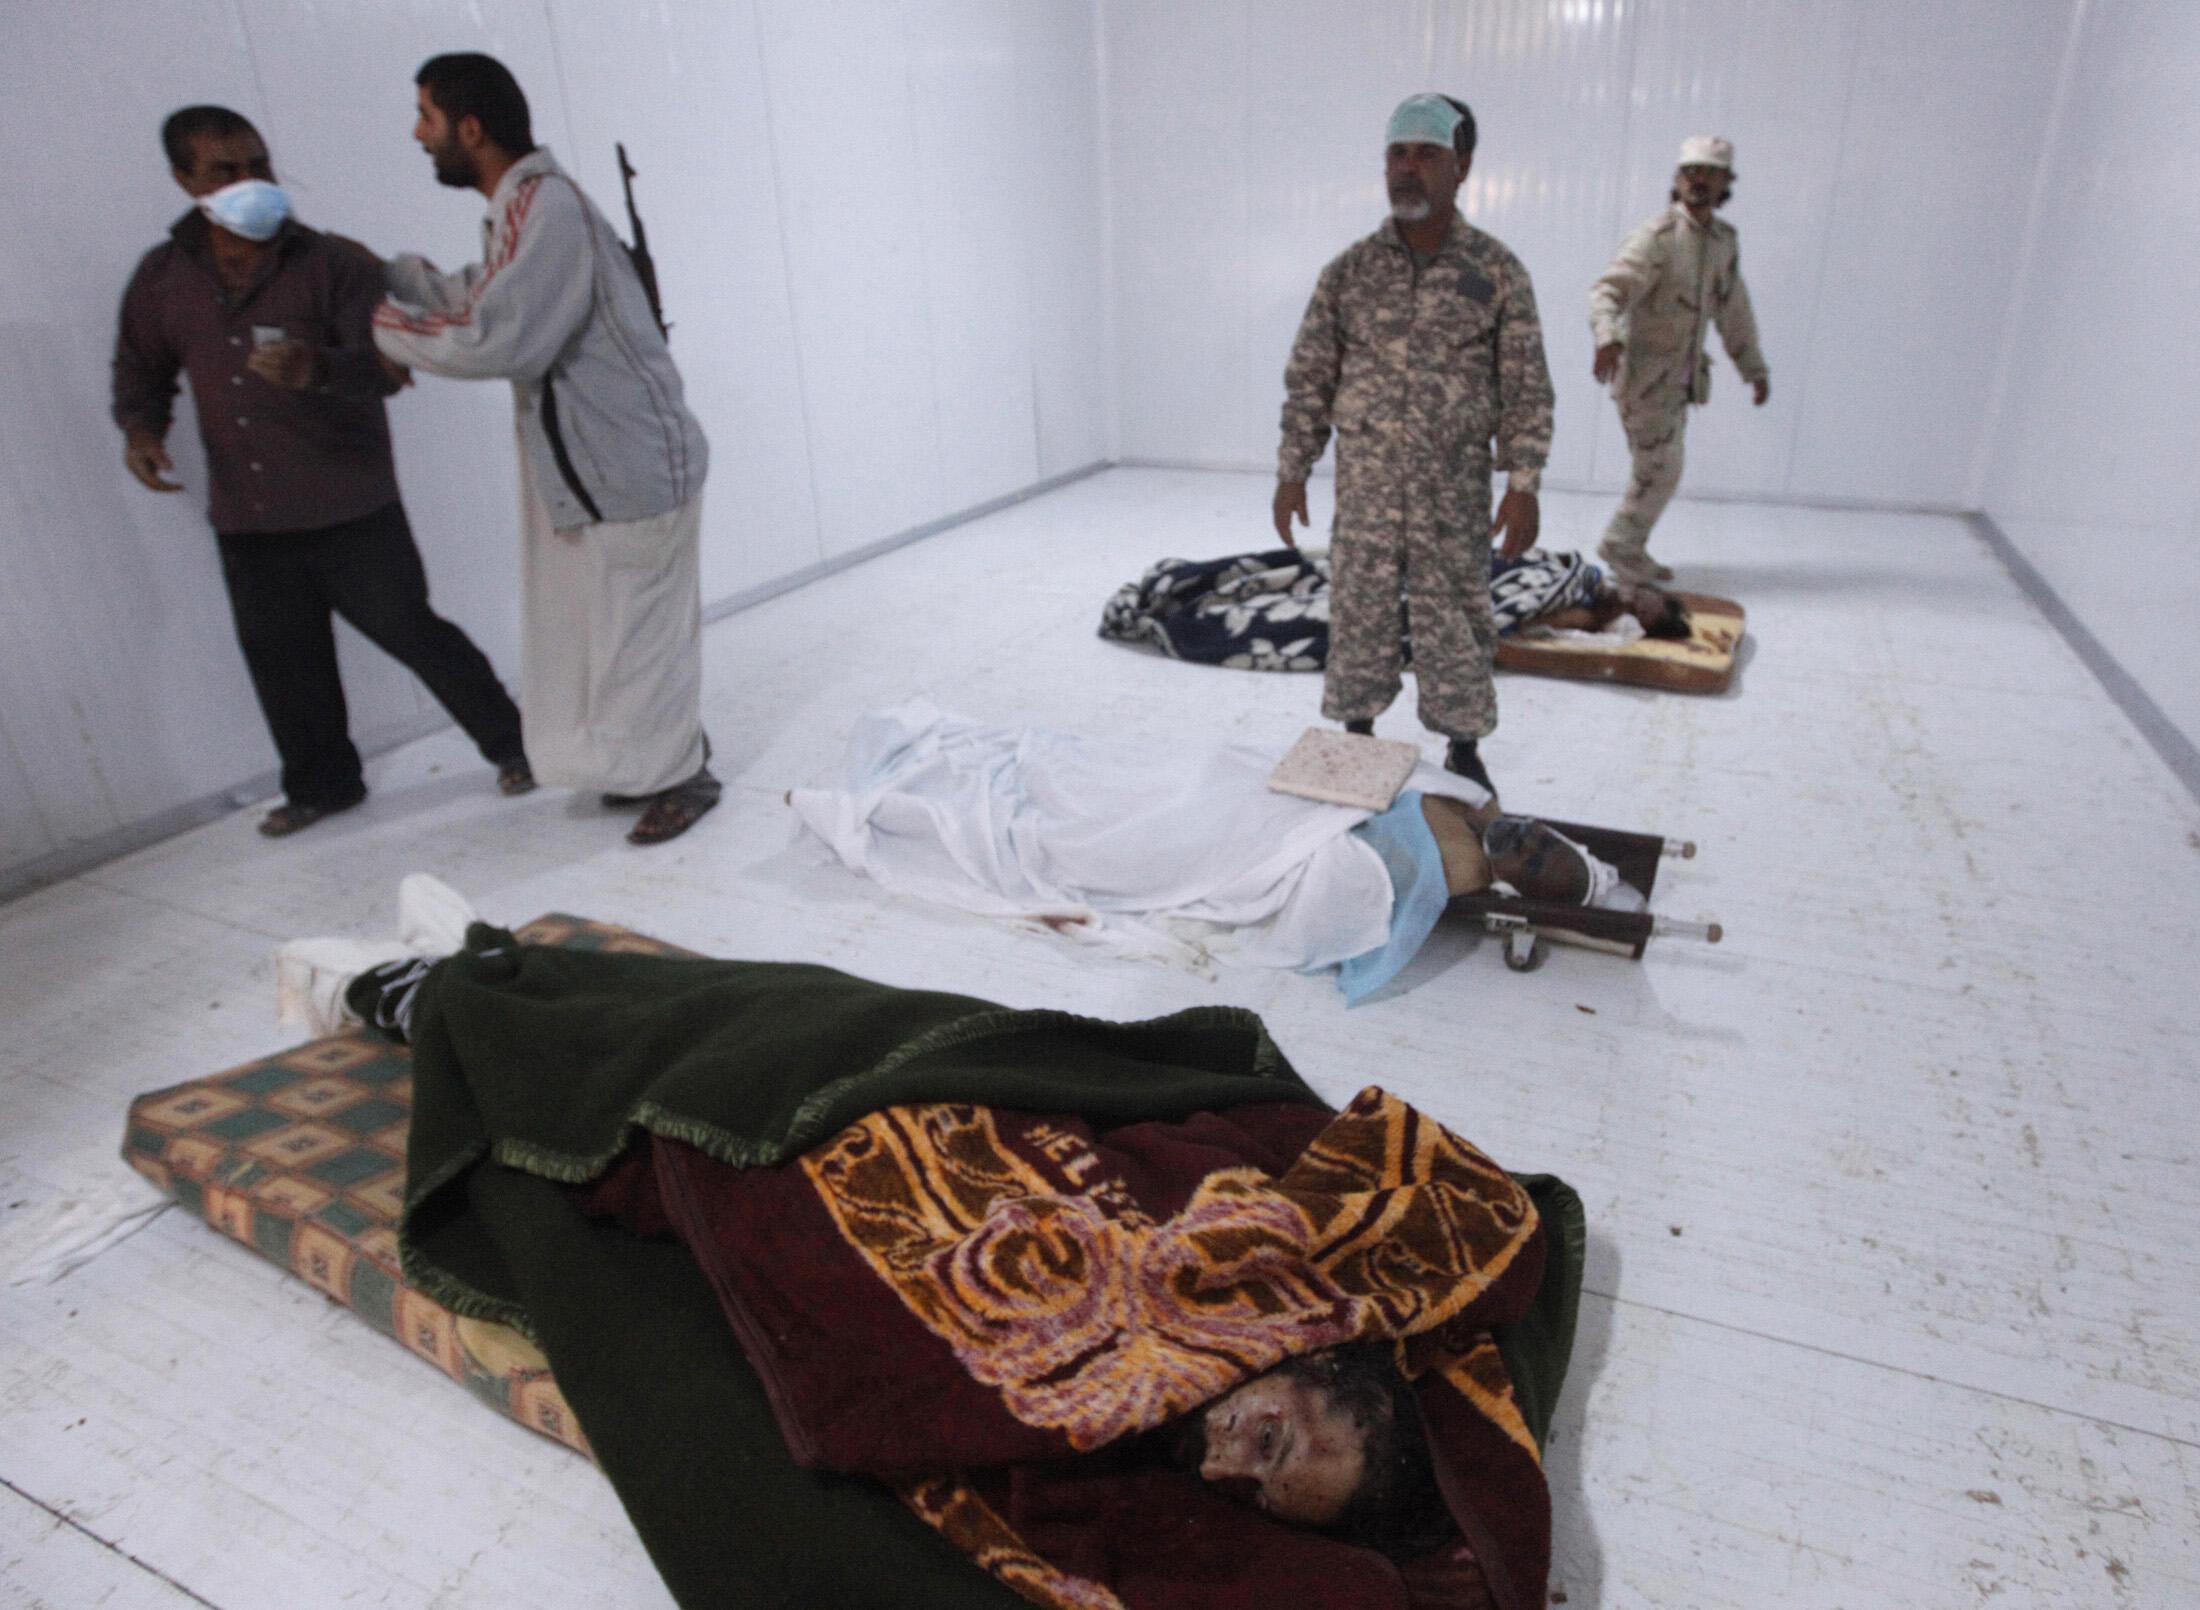 Тела Муаммара Каддафи, его сына Муатасима (внизу) и их телохранителя Абу Бакр Юниса (в центре) в металлическом холодильном контейнере в Мисурате 22 октября 2011 года